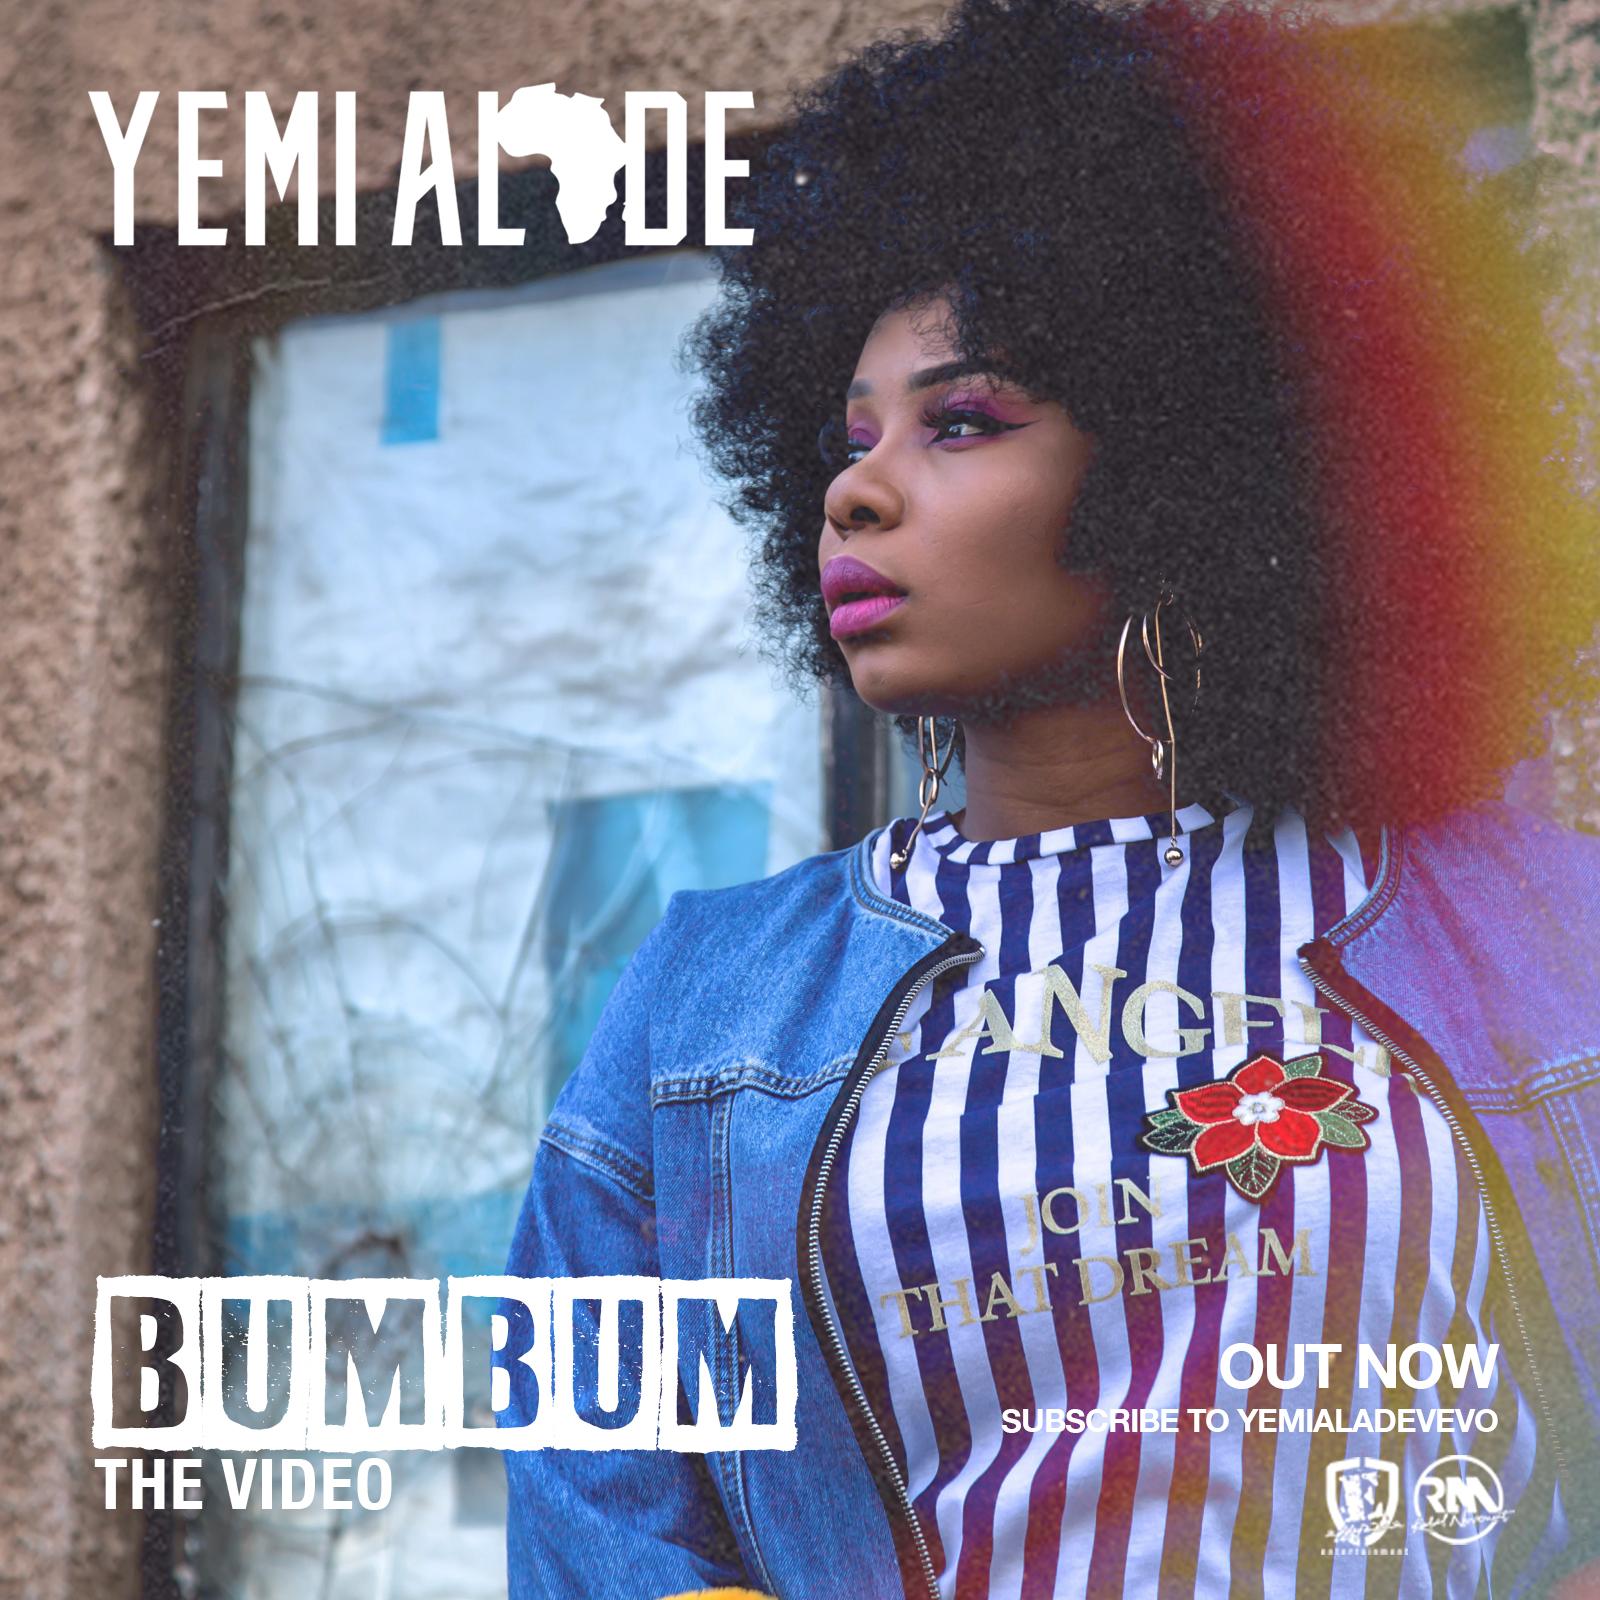 Yemi-Alade-Bum-Bum-ART